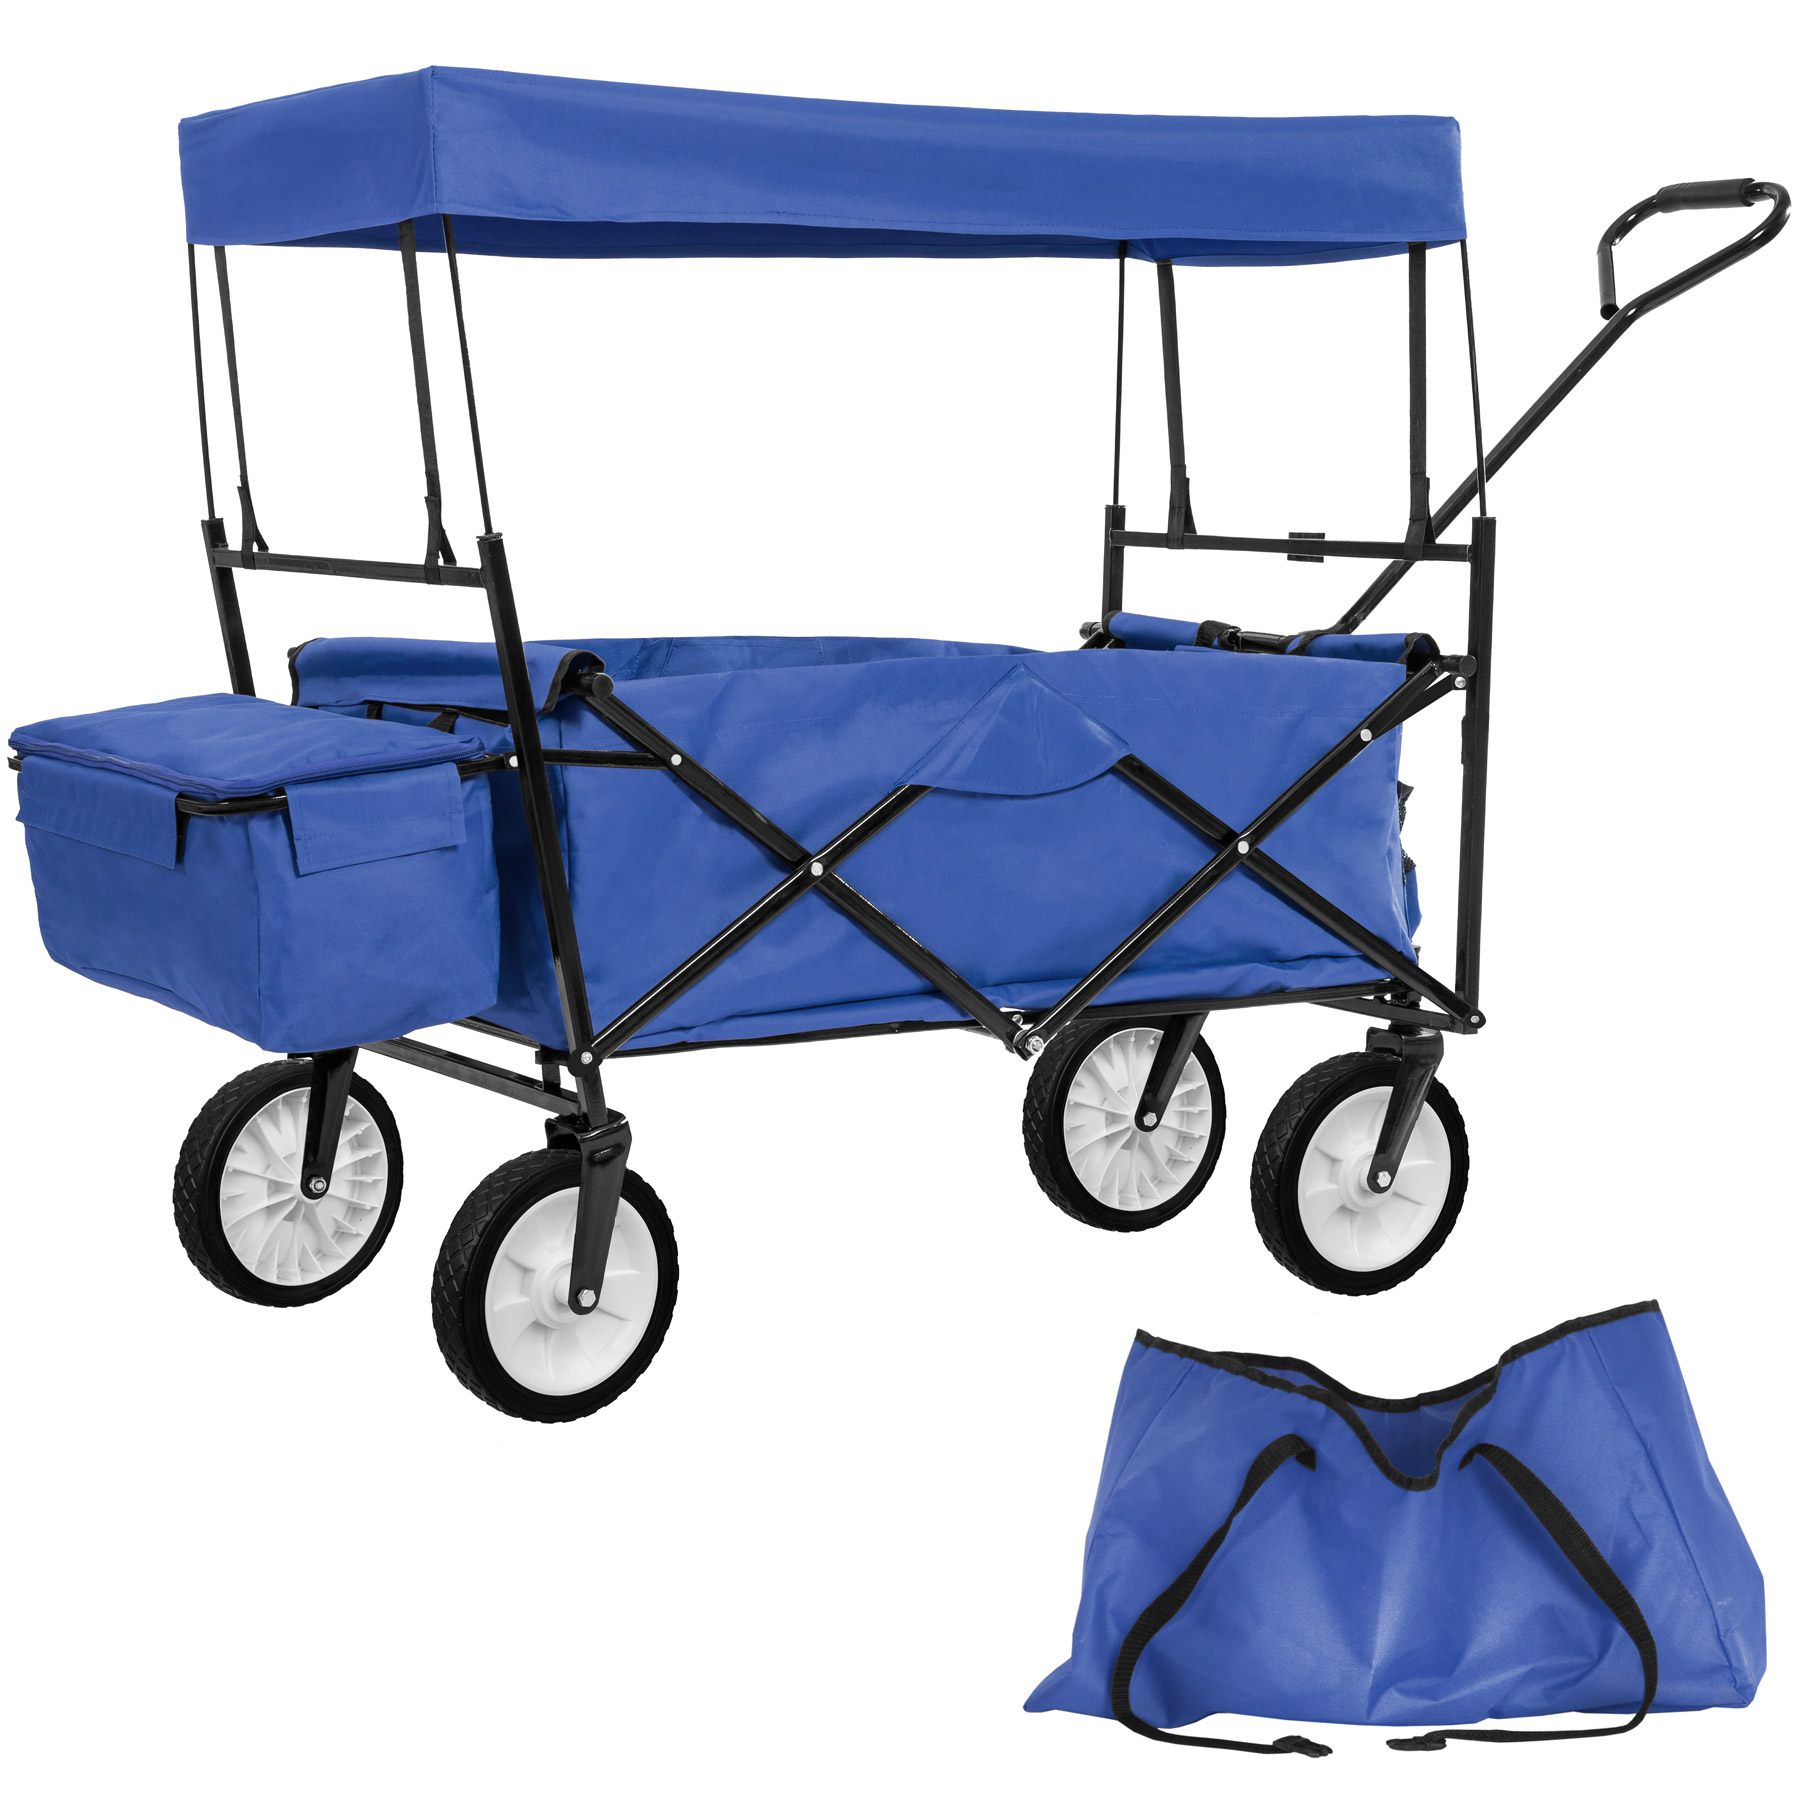 Détails Sur Chariot Pliable Avec Toit Amovible Charrette De Transport À  Tirer Main Bleu pour Charette Jardin